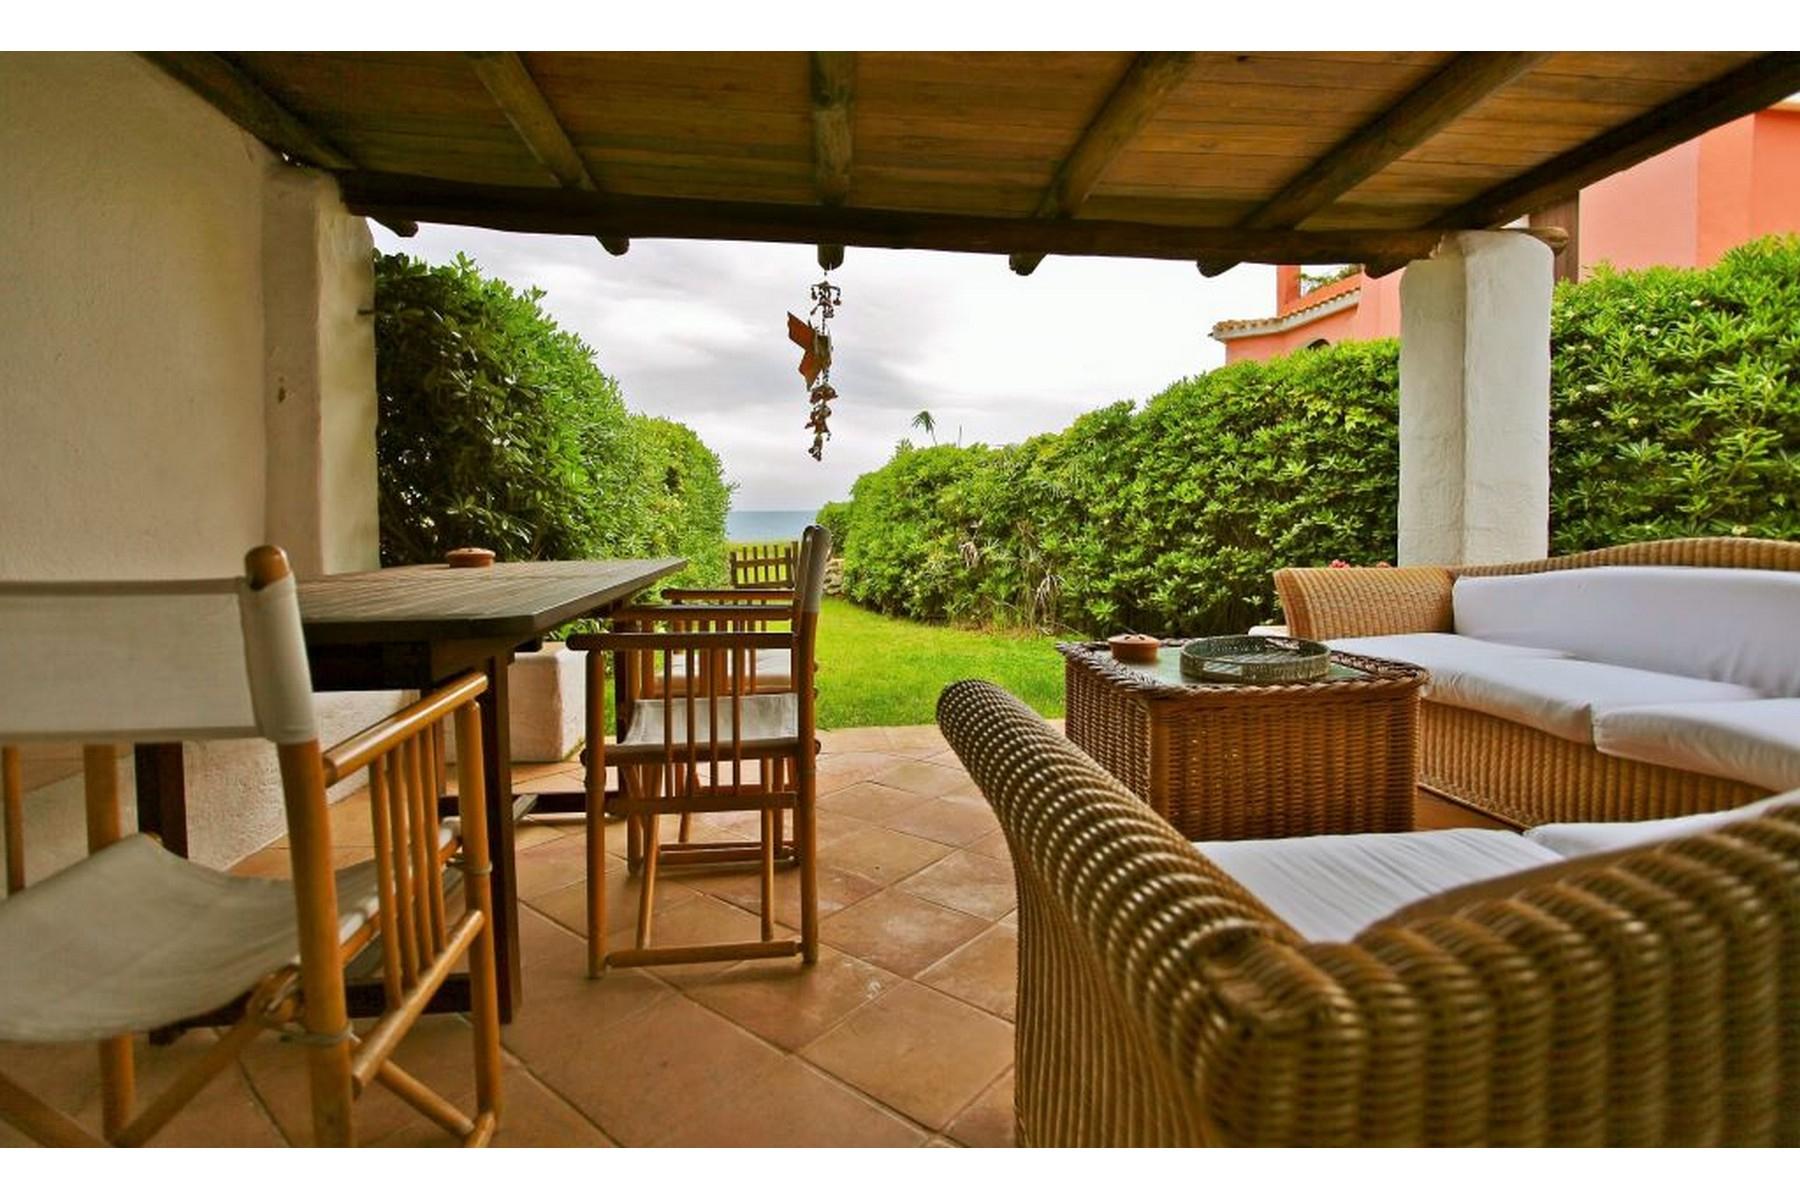 Casa indipendente in Vendita a Arzachena: 5 locali, 117 mq - Foto 4